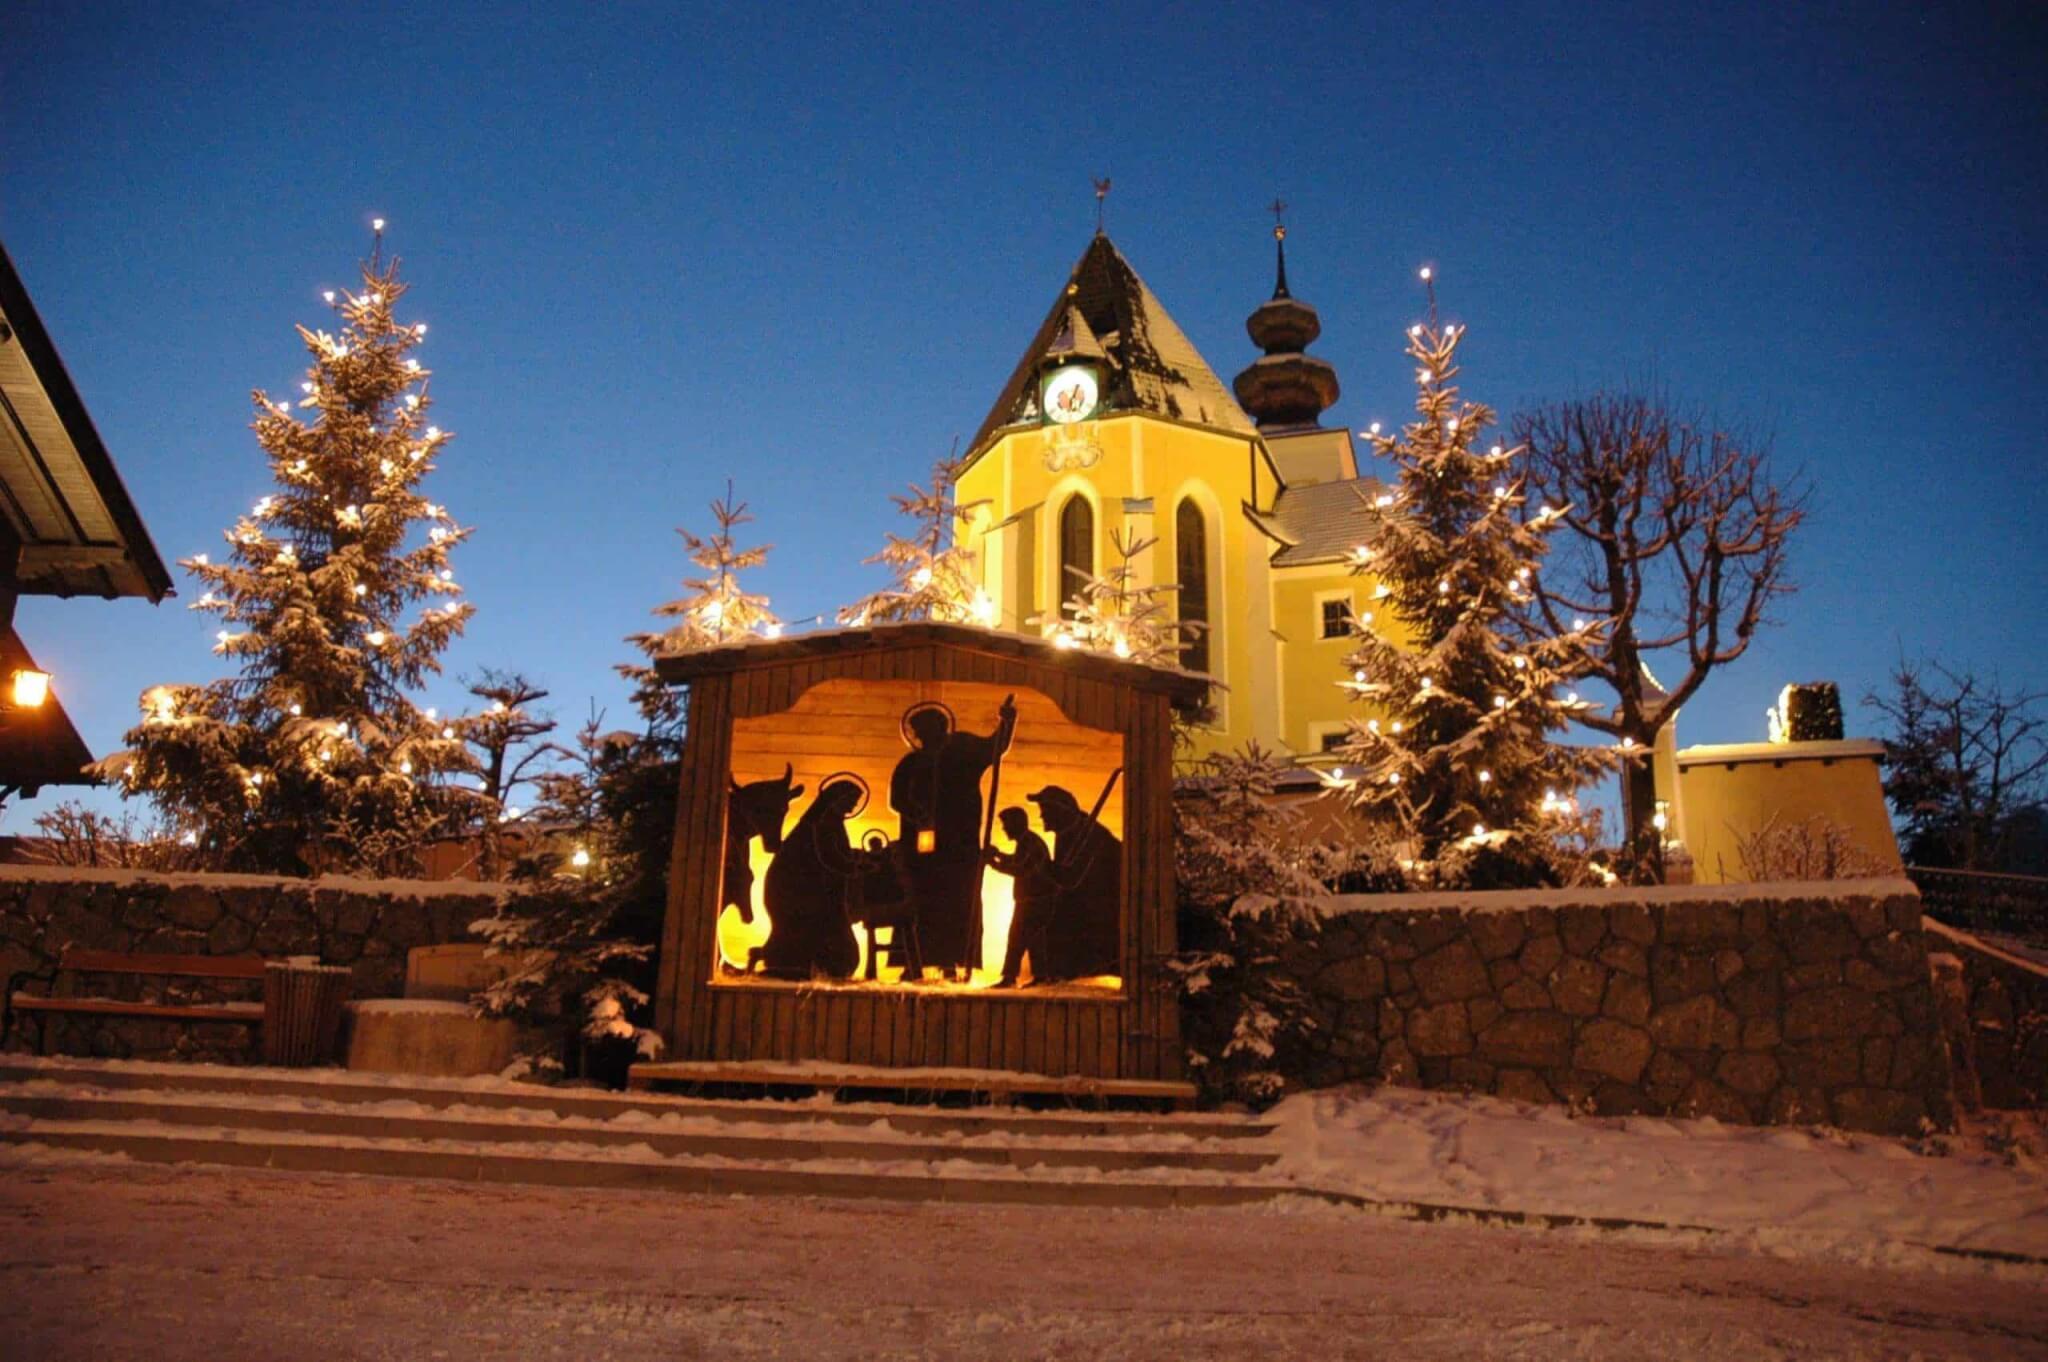 St. Veiter Weihnacht